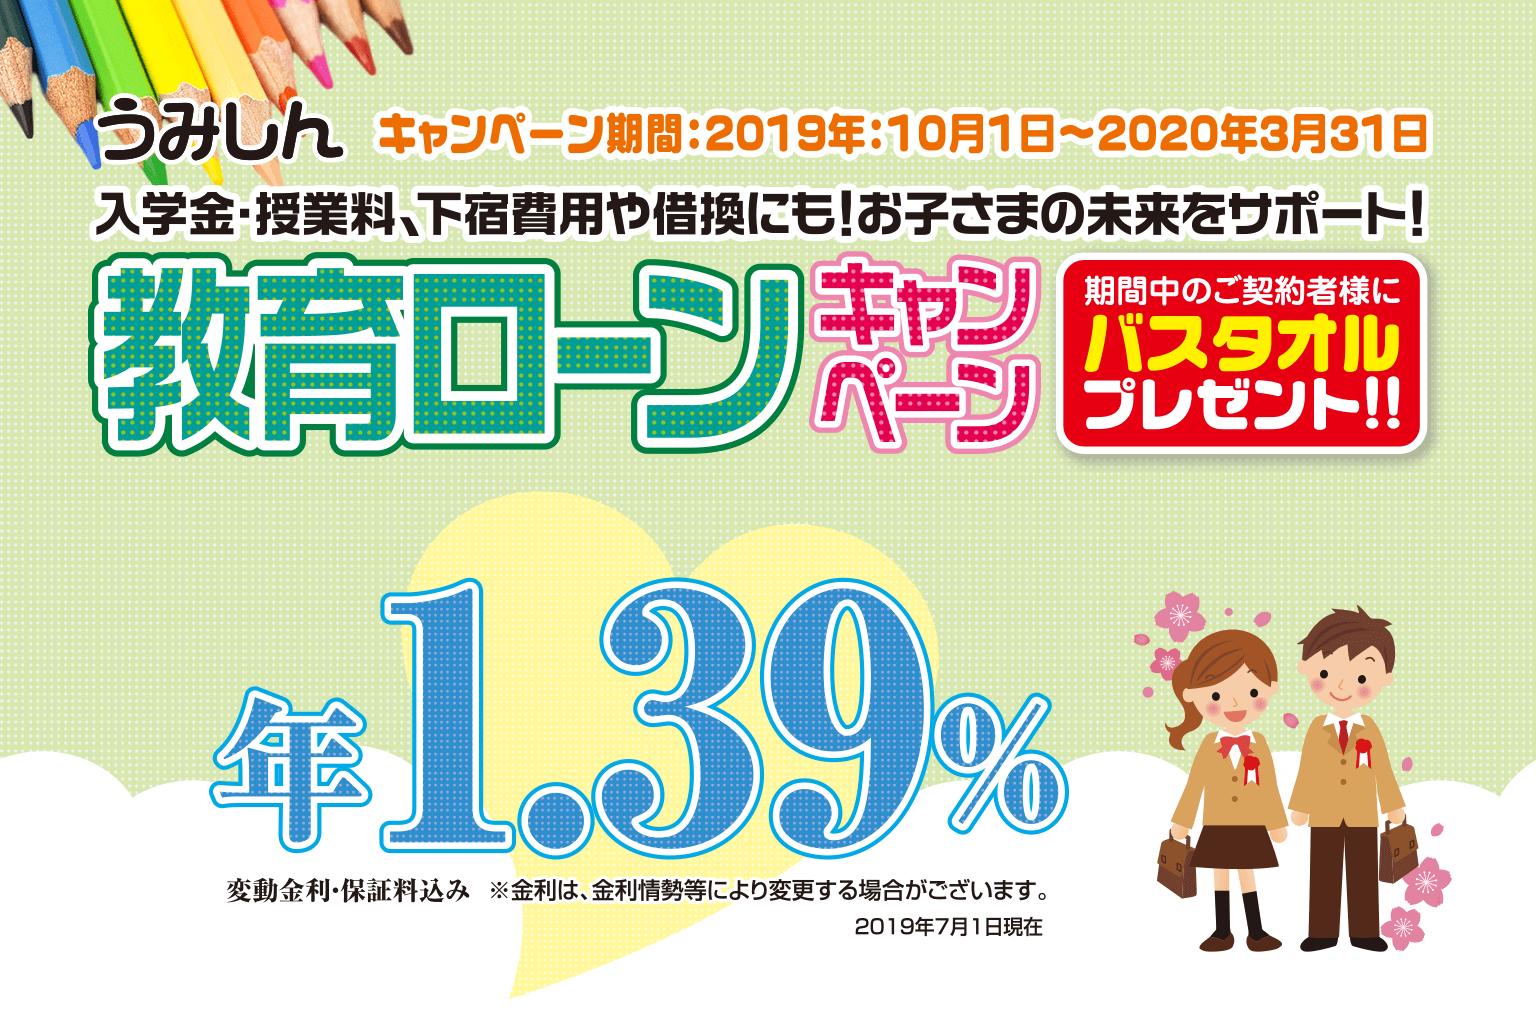 うみしん教育ローン基金キャンペーン